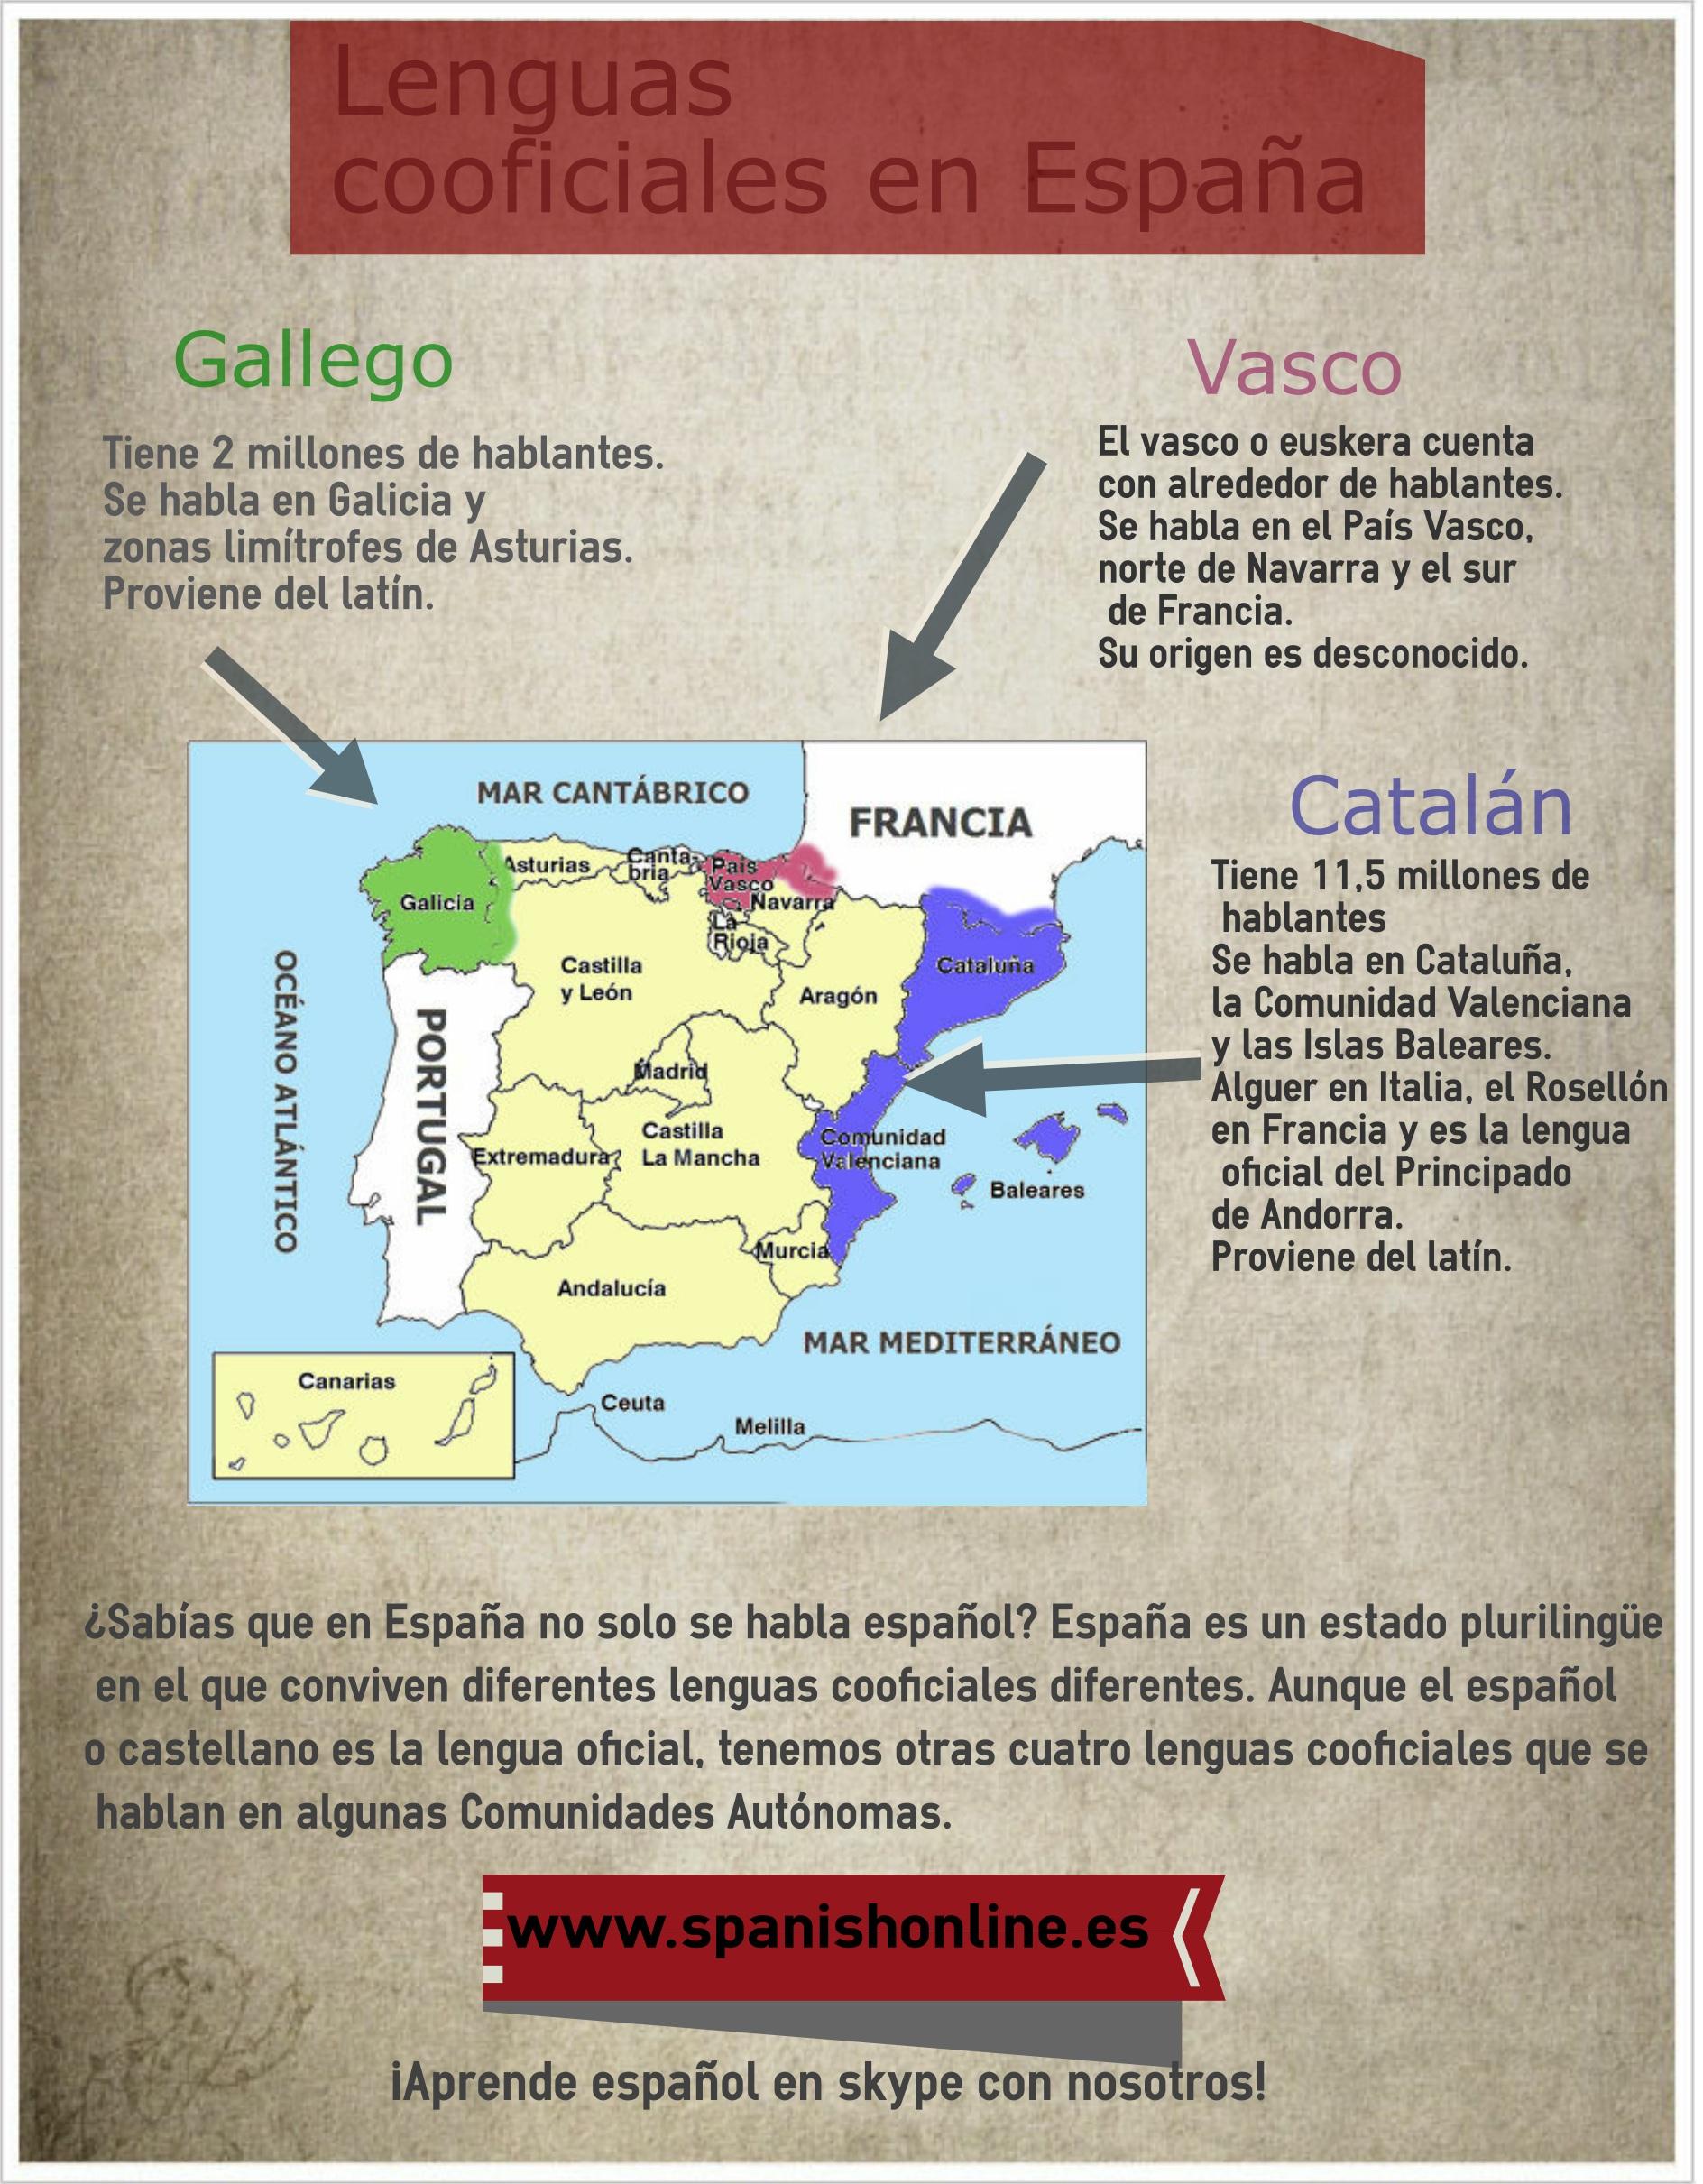 El Espanol Y Las Lenguas Cooficiales De Espana